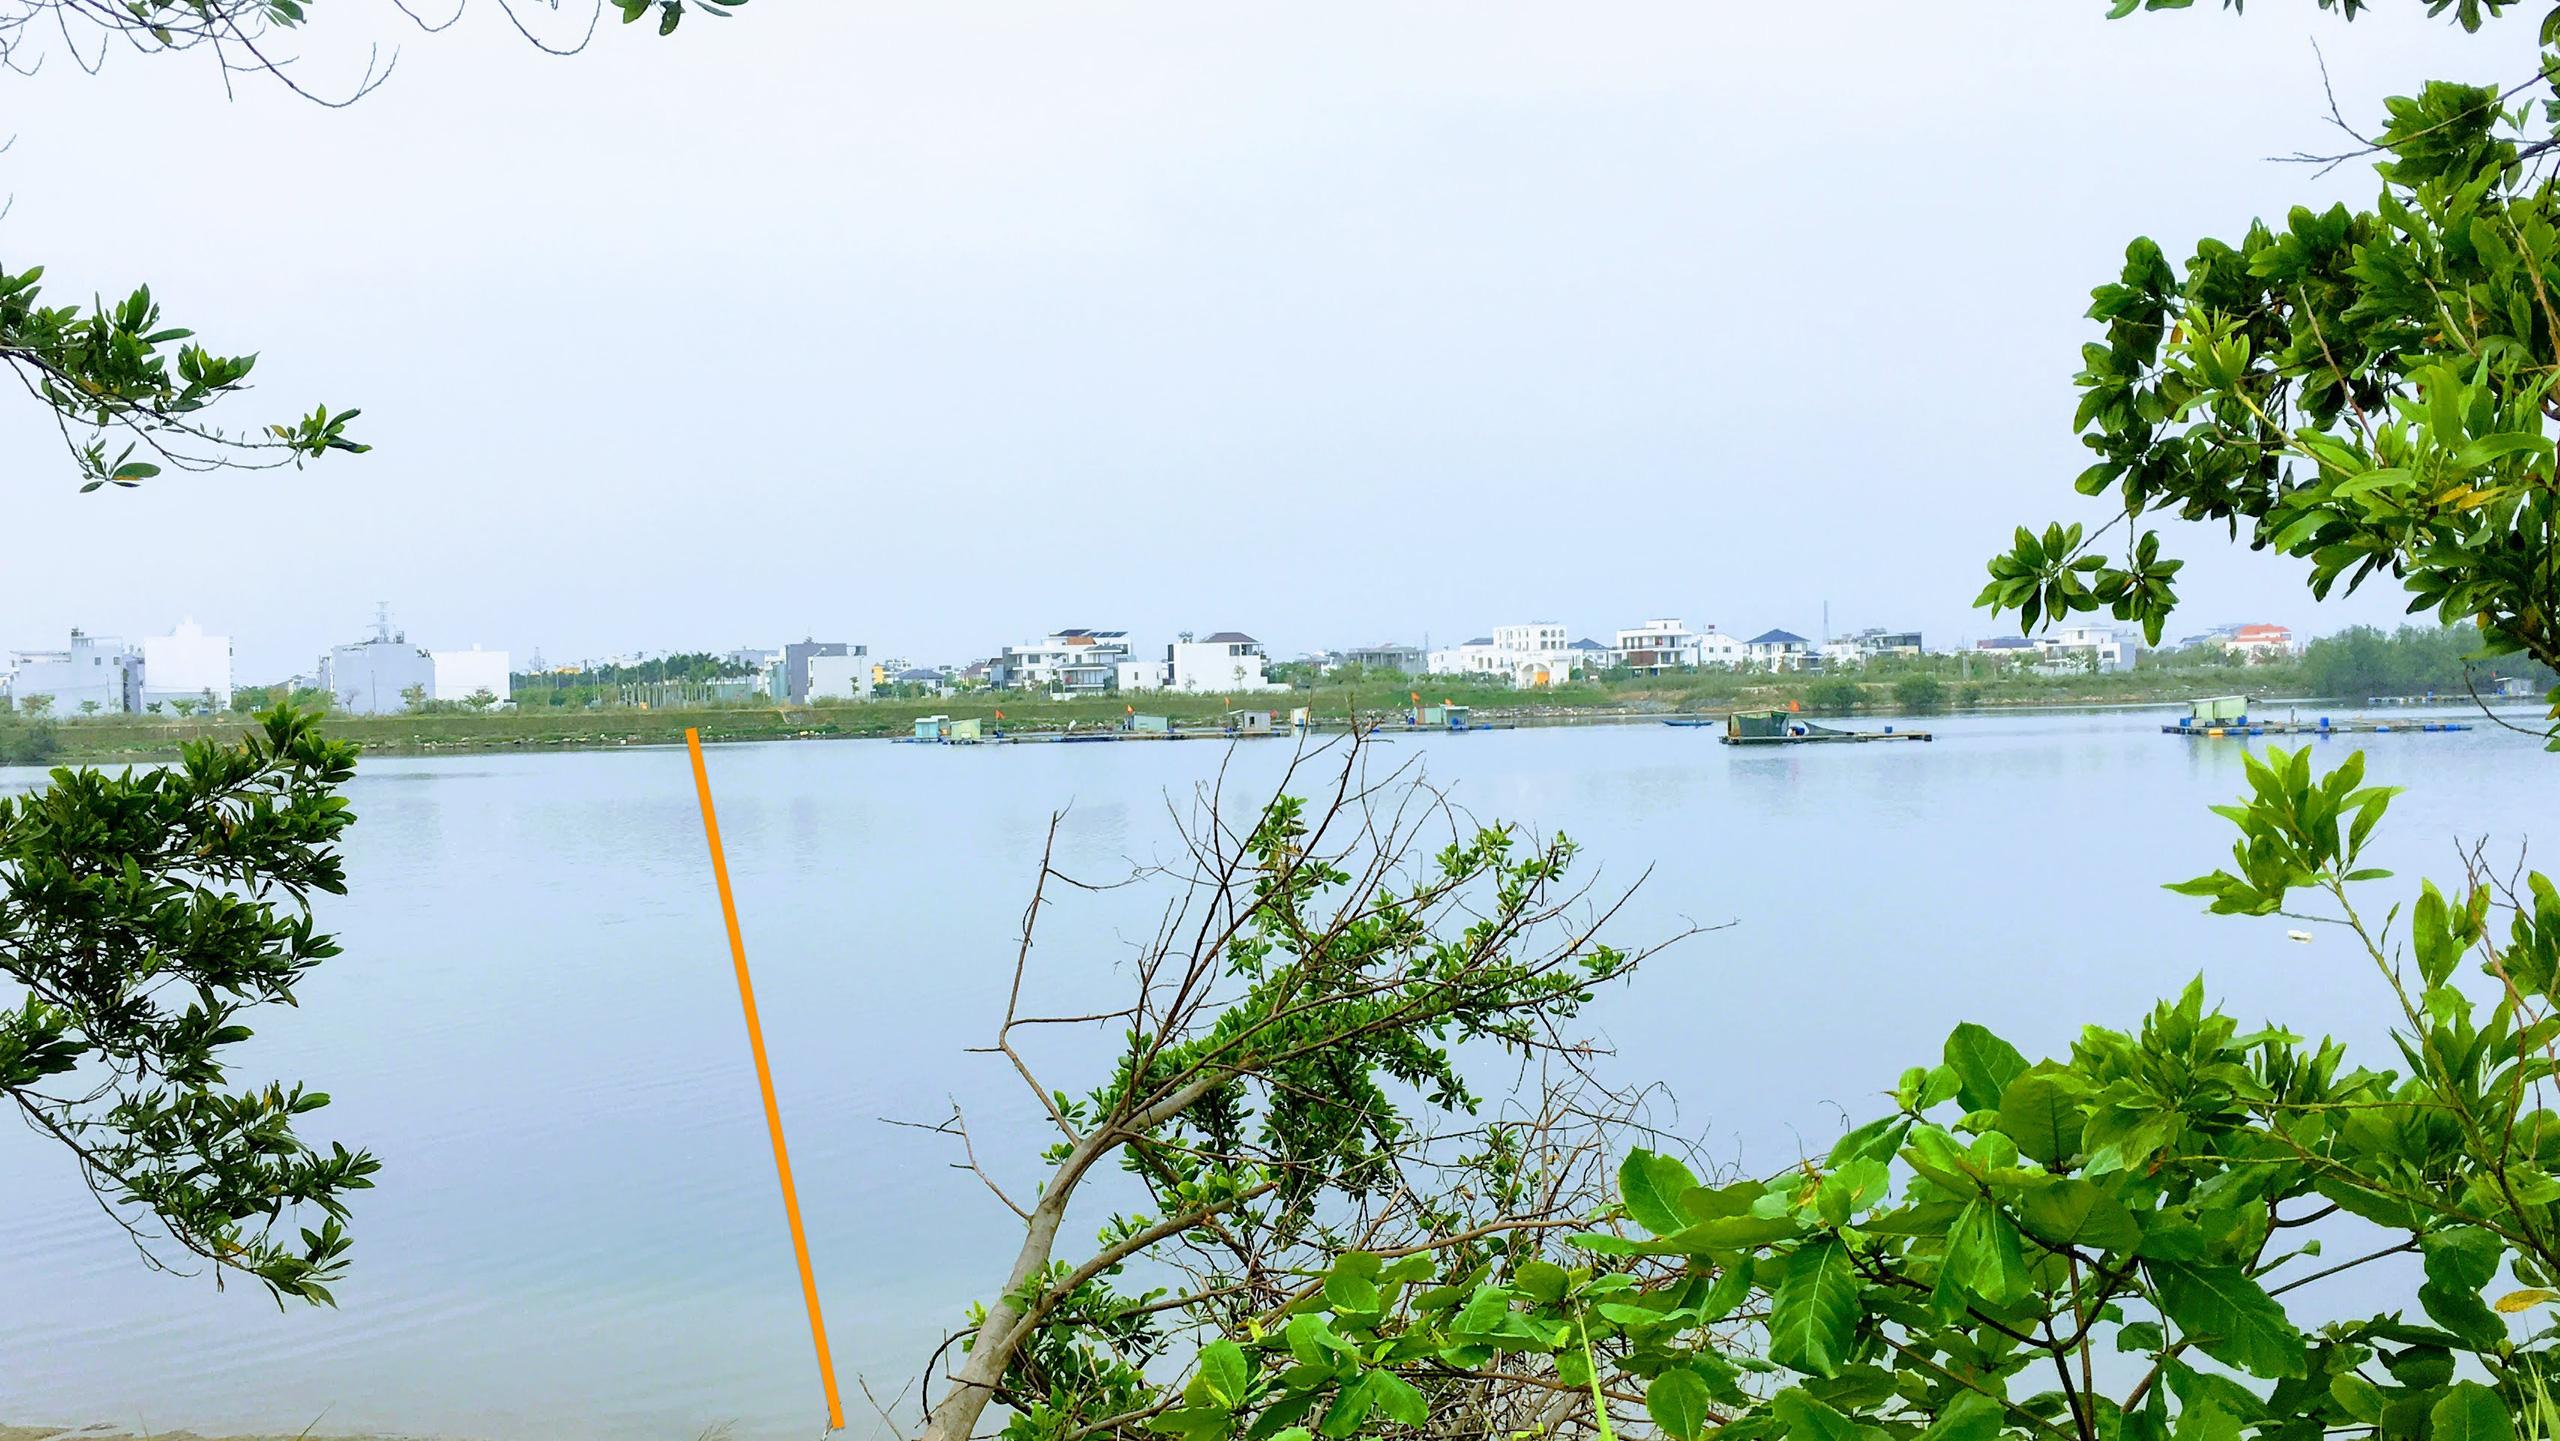 Quy hoạch Đà Nẵng đến 2030: Xây cầu từ Nam Việt Á qua Hòa Xuân, làm hầm chui qua sông Hàn - Ảnh 2.